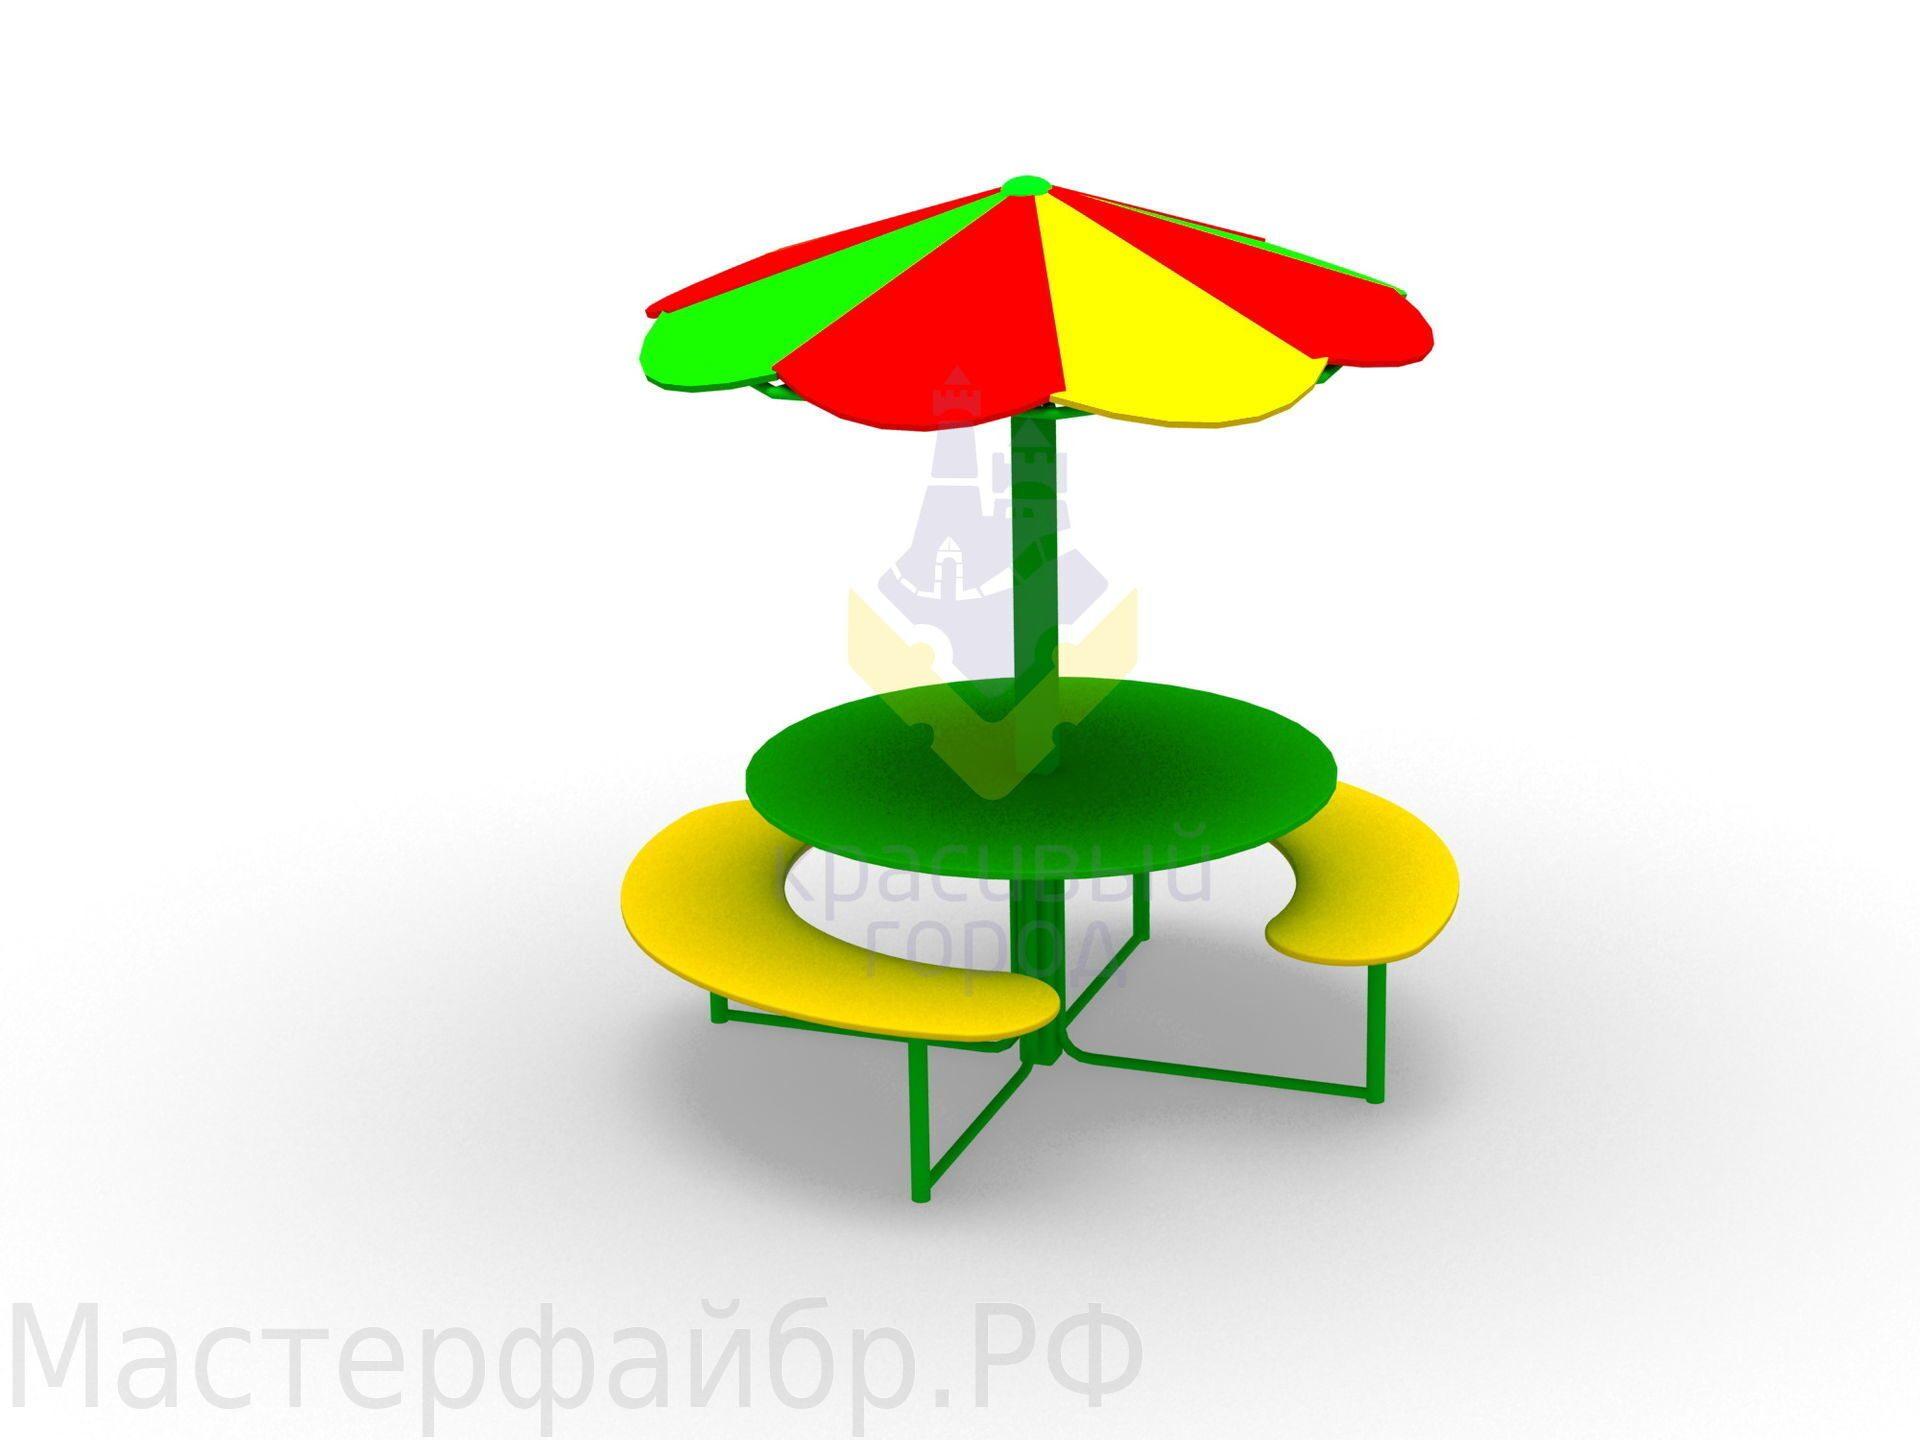 Столы для детской площадки своими руками